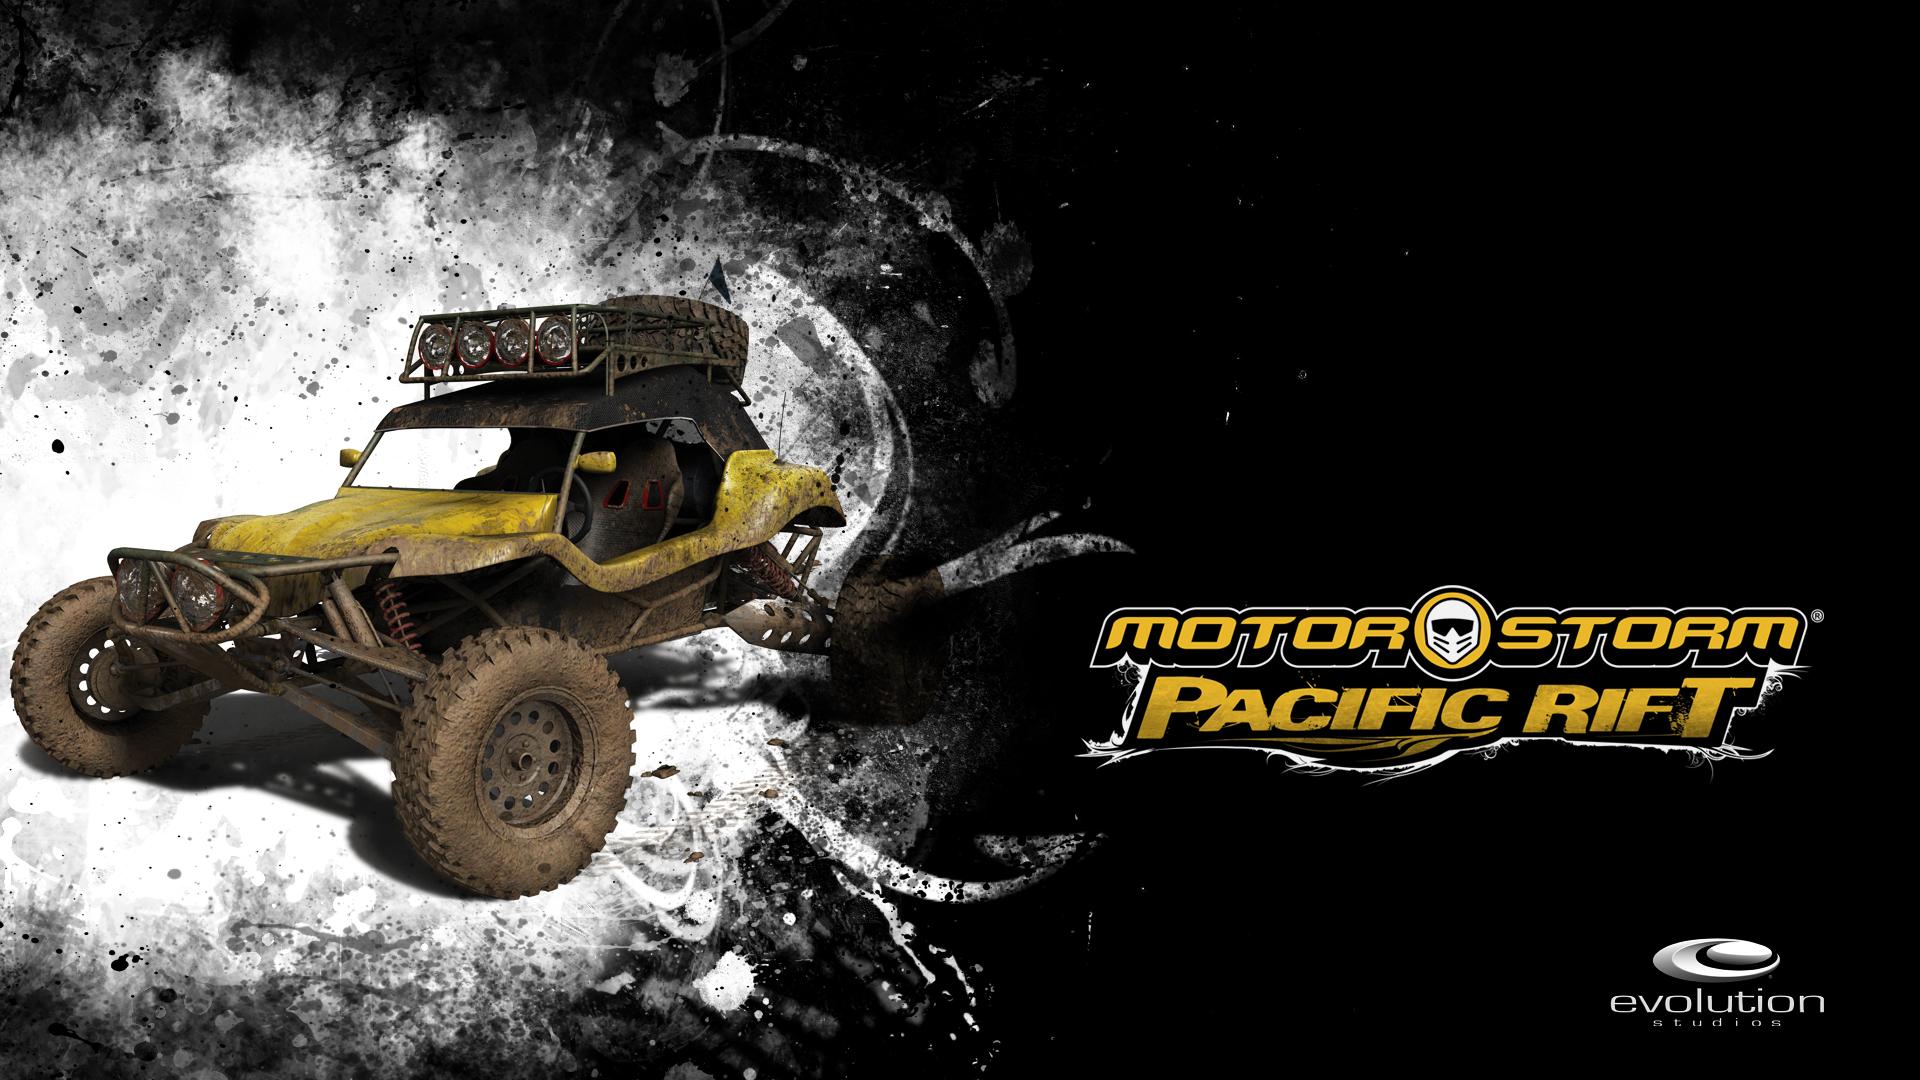 MotorStorm Pacific Rift wallpaper 1